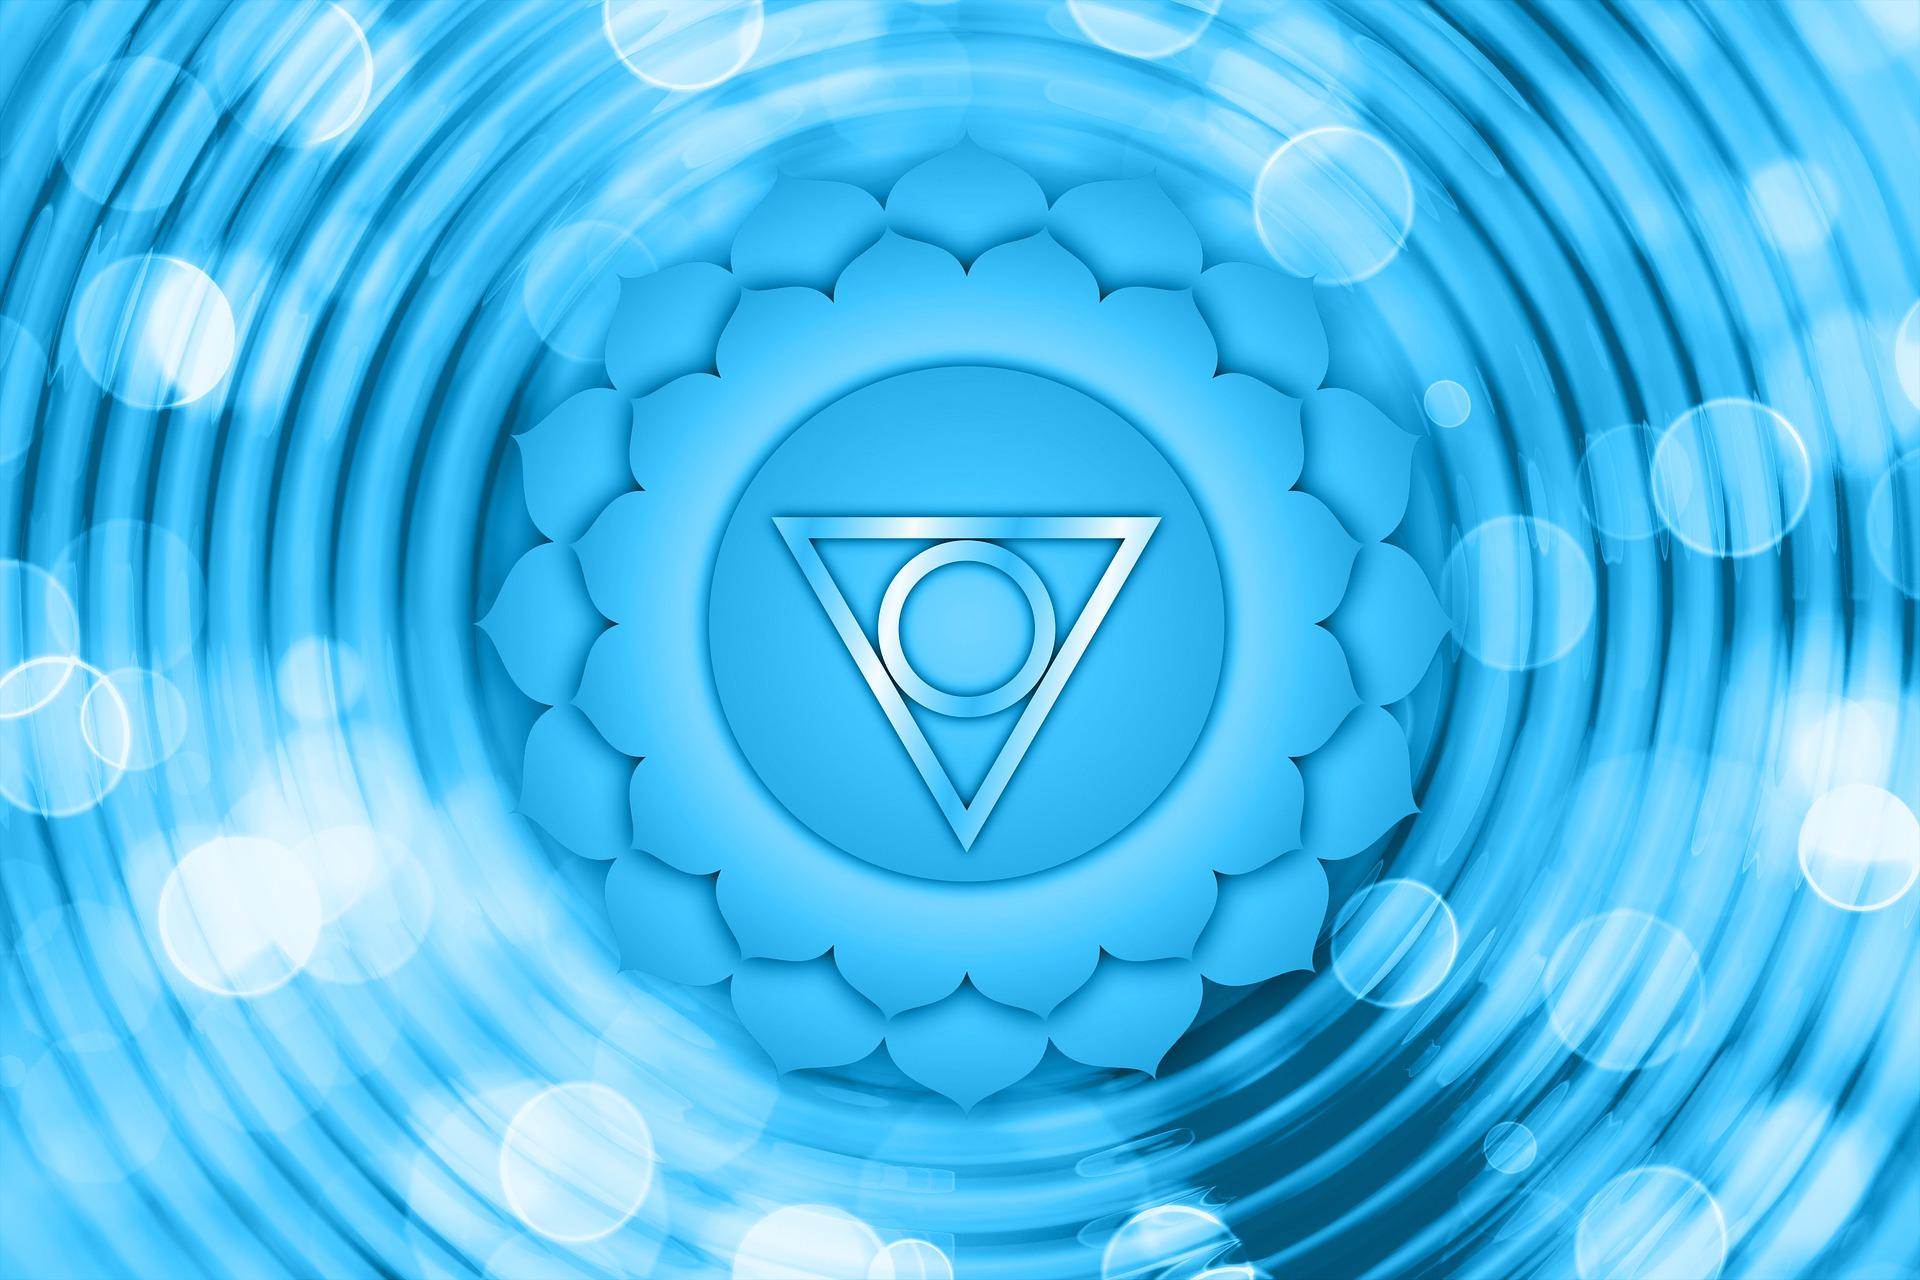 第5チャクラの瞑想で上手くコミュニケーションをとろう